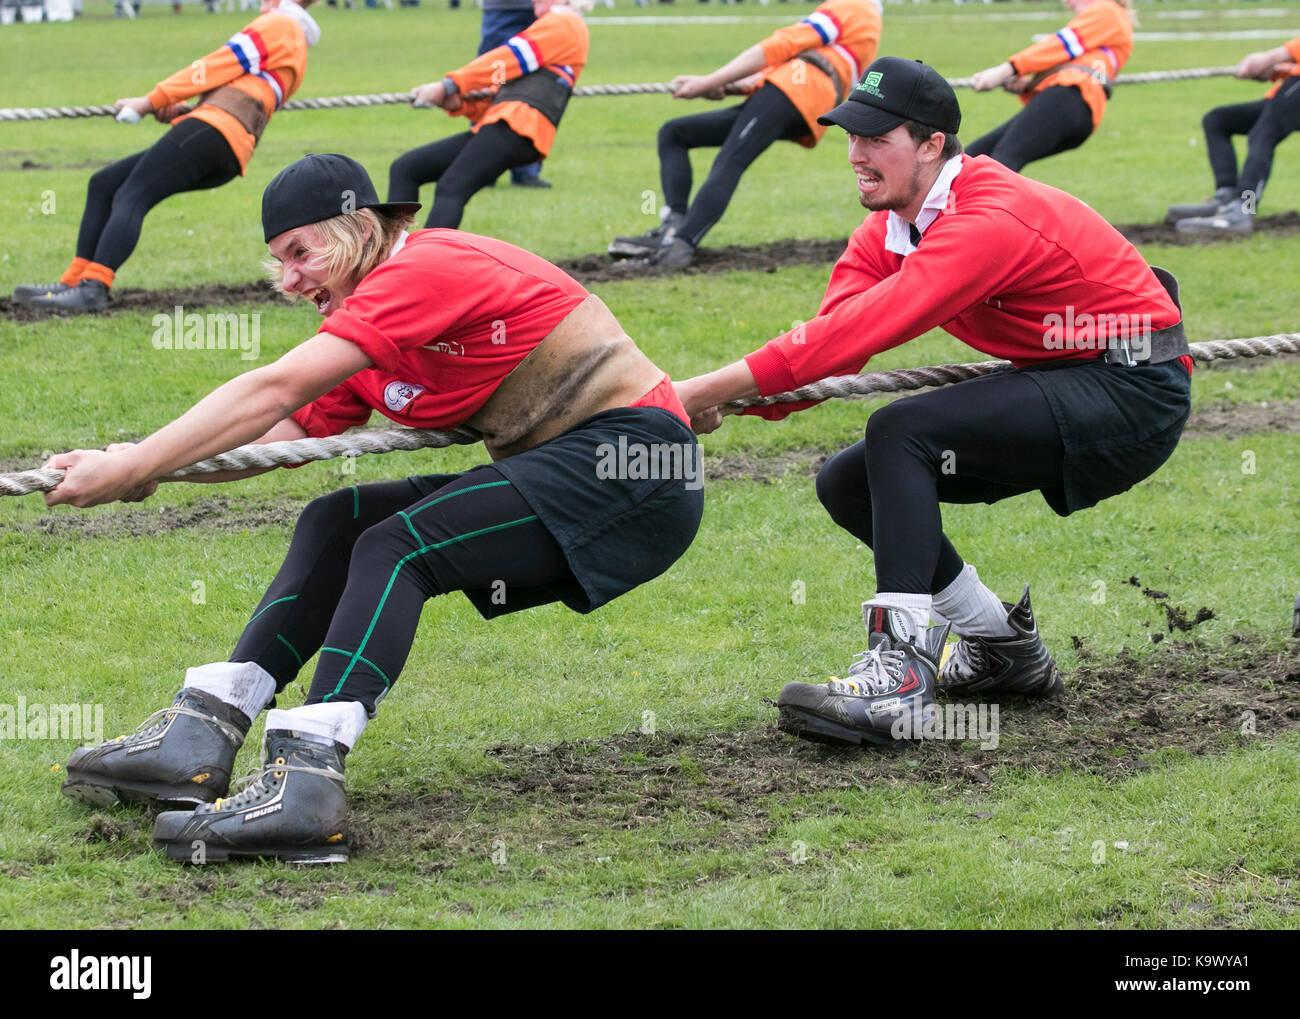 Il lavoro di squadra, fune sfida, evento sportivo a Southport, Merseyside Regno Unito 24 Settembre, 2017. Swizerland Immagini Stock